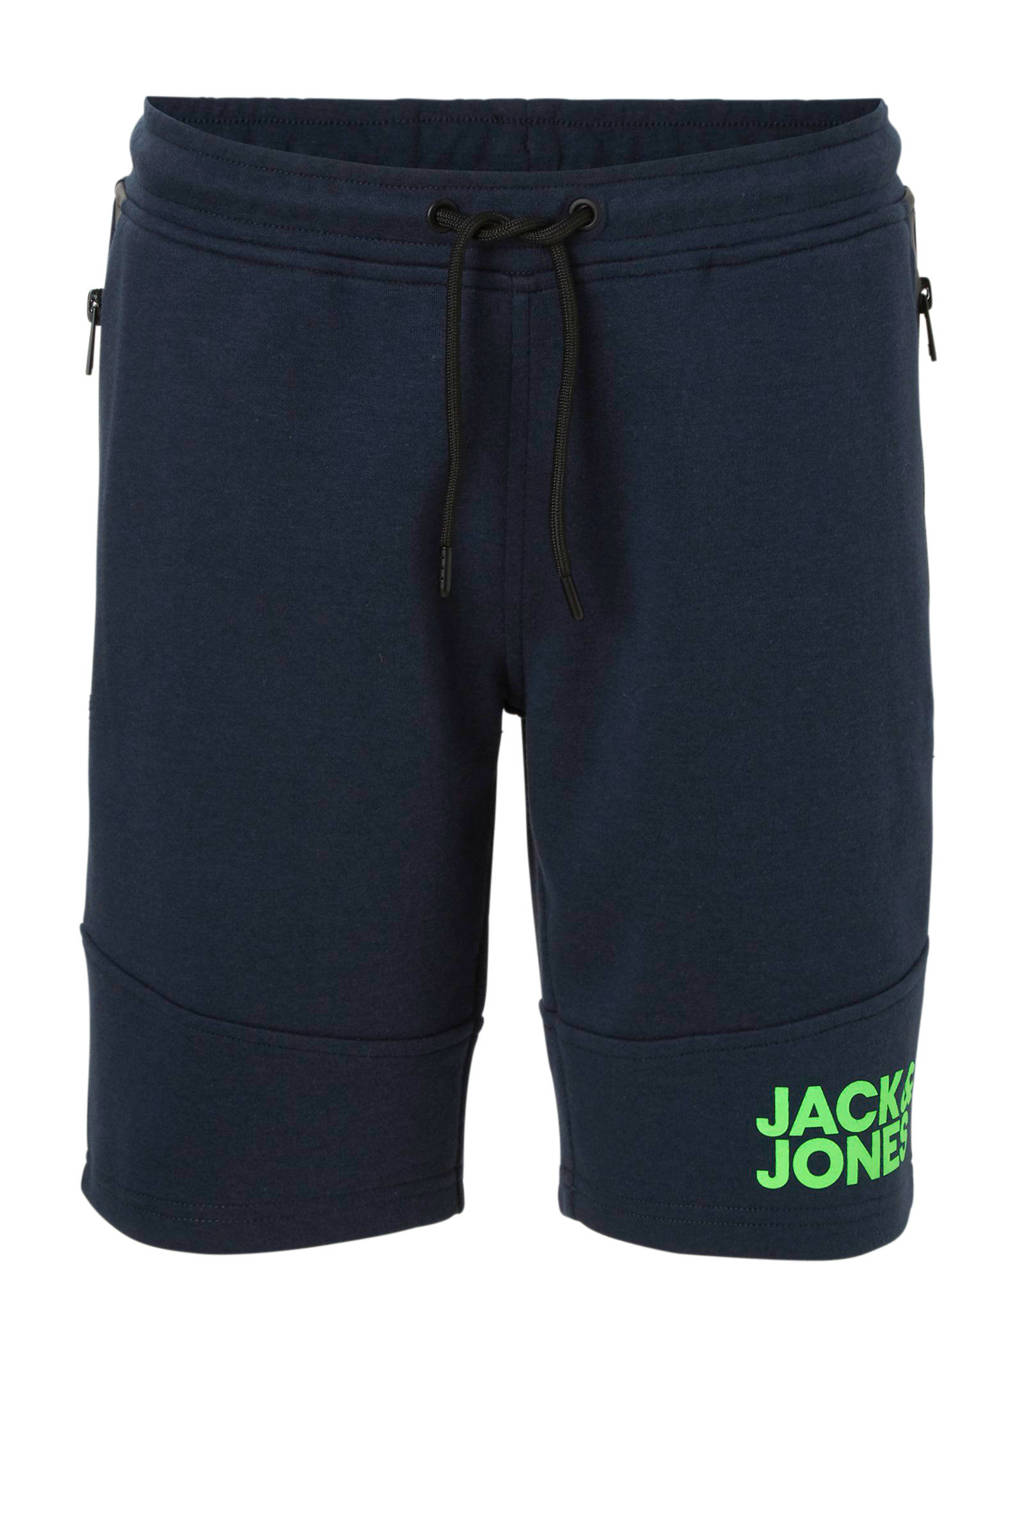 JACK & JONES JUNIOR sweatshort  met ritszakken donkerblauw, Donkerblauw